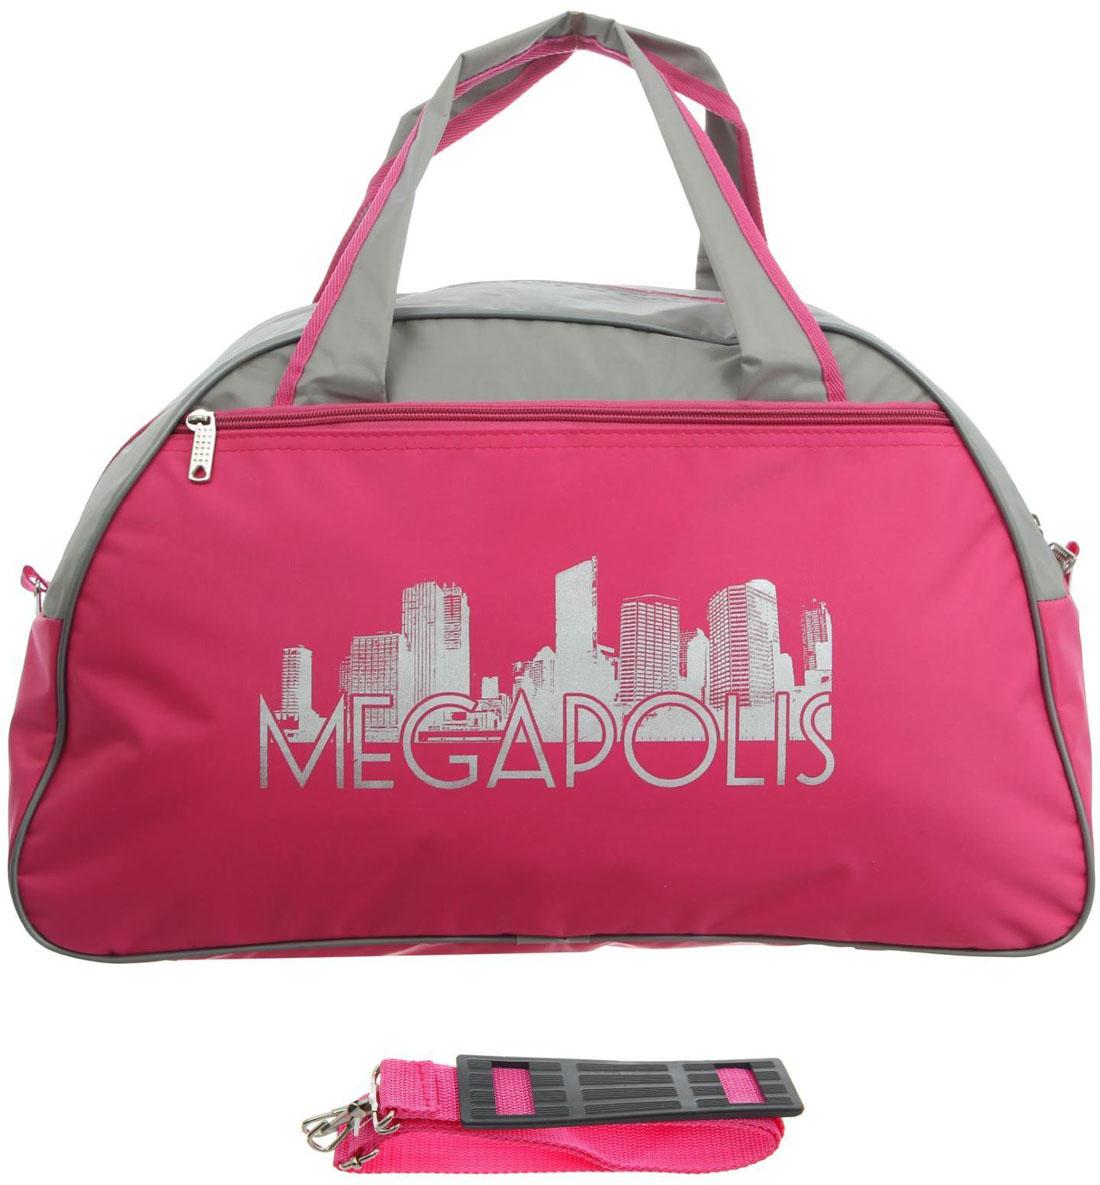 Сумка дорожная ZFTS, цвет: розовый, серый. 745478745478Дорожная сумка ZFTS самый современный и демократичный вариант аксессуара. Она выполнена из прочного текстиля. Объёмное отделение сумки вмещает все необходимые вещи: от нижнего белья до верхней одежды. А удобные карманы предназначены для хранения предметов первой необходимости: косметички, зубной щётки или влажных салфеток.Модель оснащена широкими ручками и длинным съёмным ремнём для комфортной переноски. Дорожный аксессуар прослужит много лет, так как изготовлен из прочного текстиля, устойчивого к выцветанию.